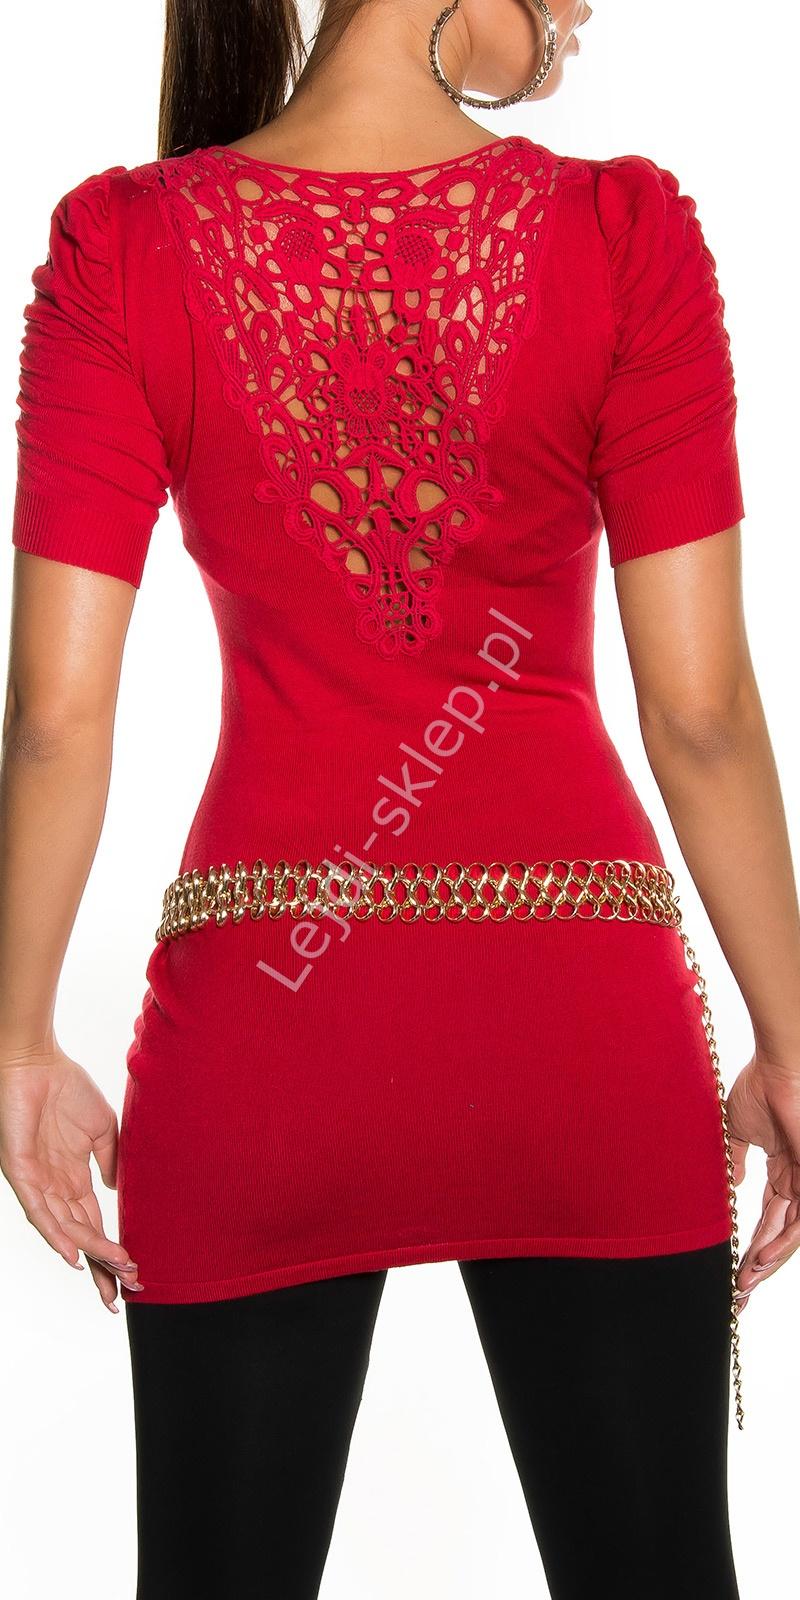 Czerwona tunika damska / tunika z ozdobną koronką na plecach | czerwone młodzieżowe swetry damskie 1027 - Lejdi